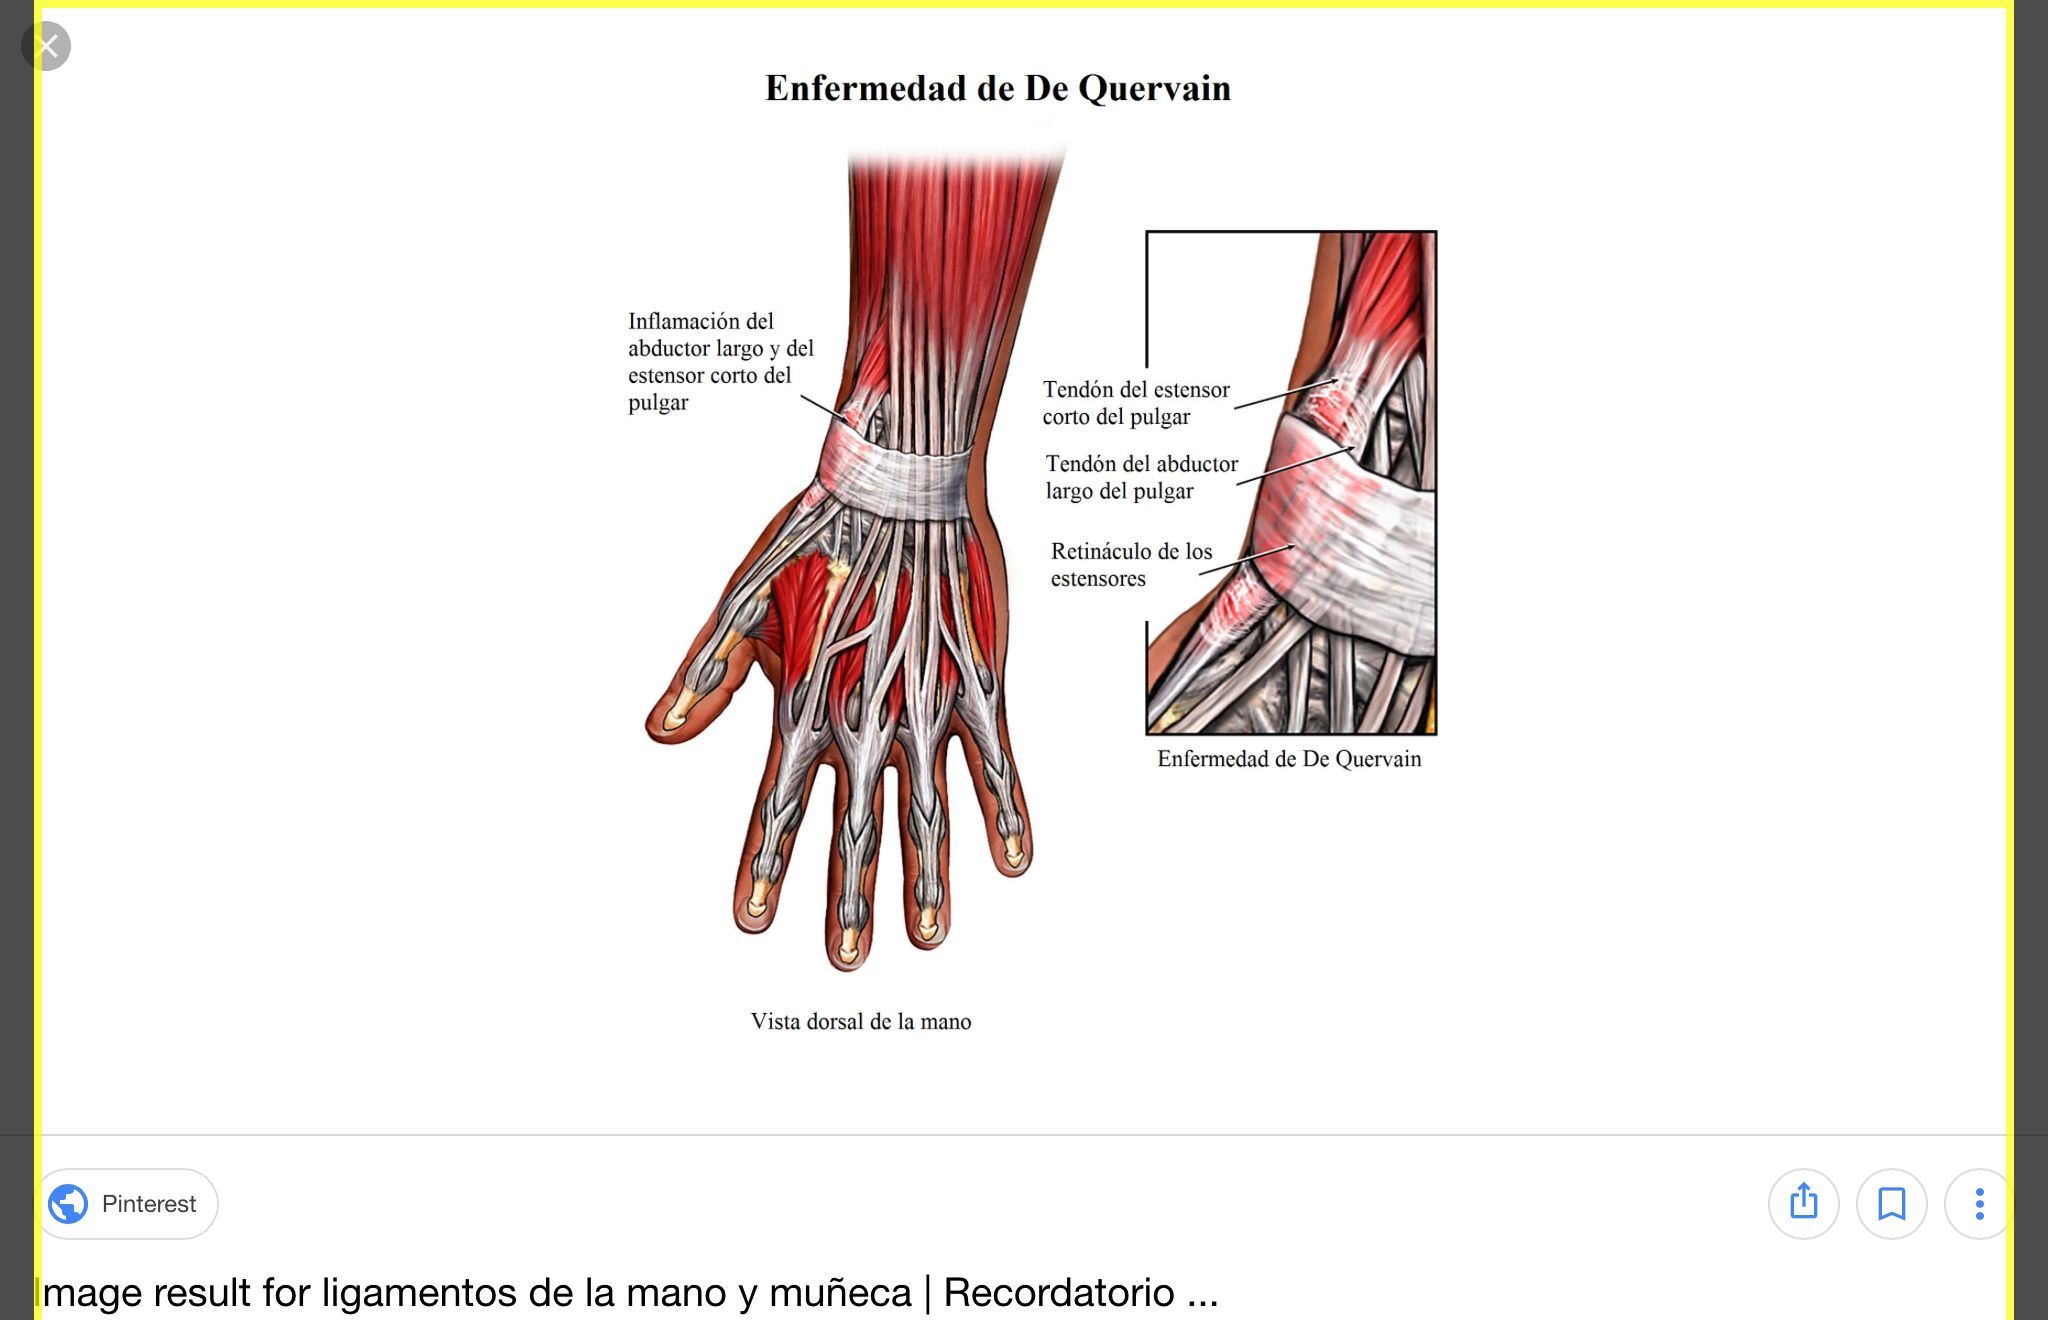 anatomia mano - Buscar con Google | anatomia | Pinterest | Searching